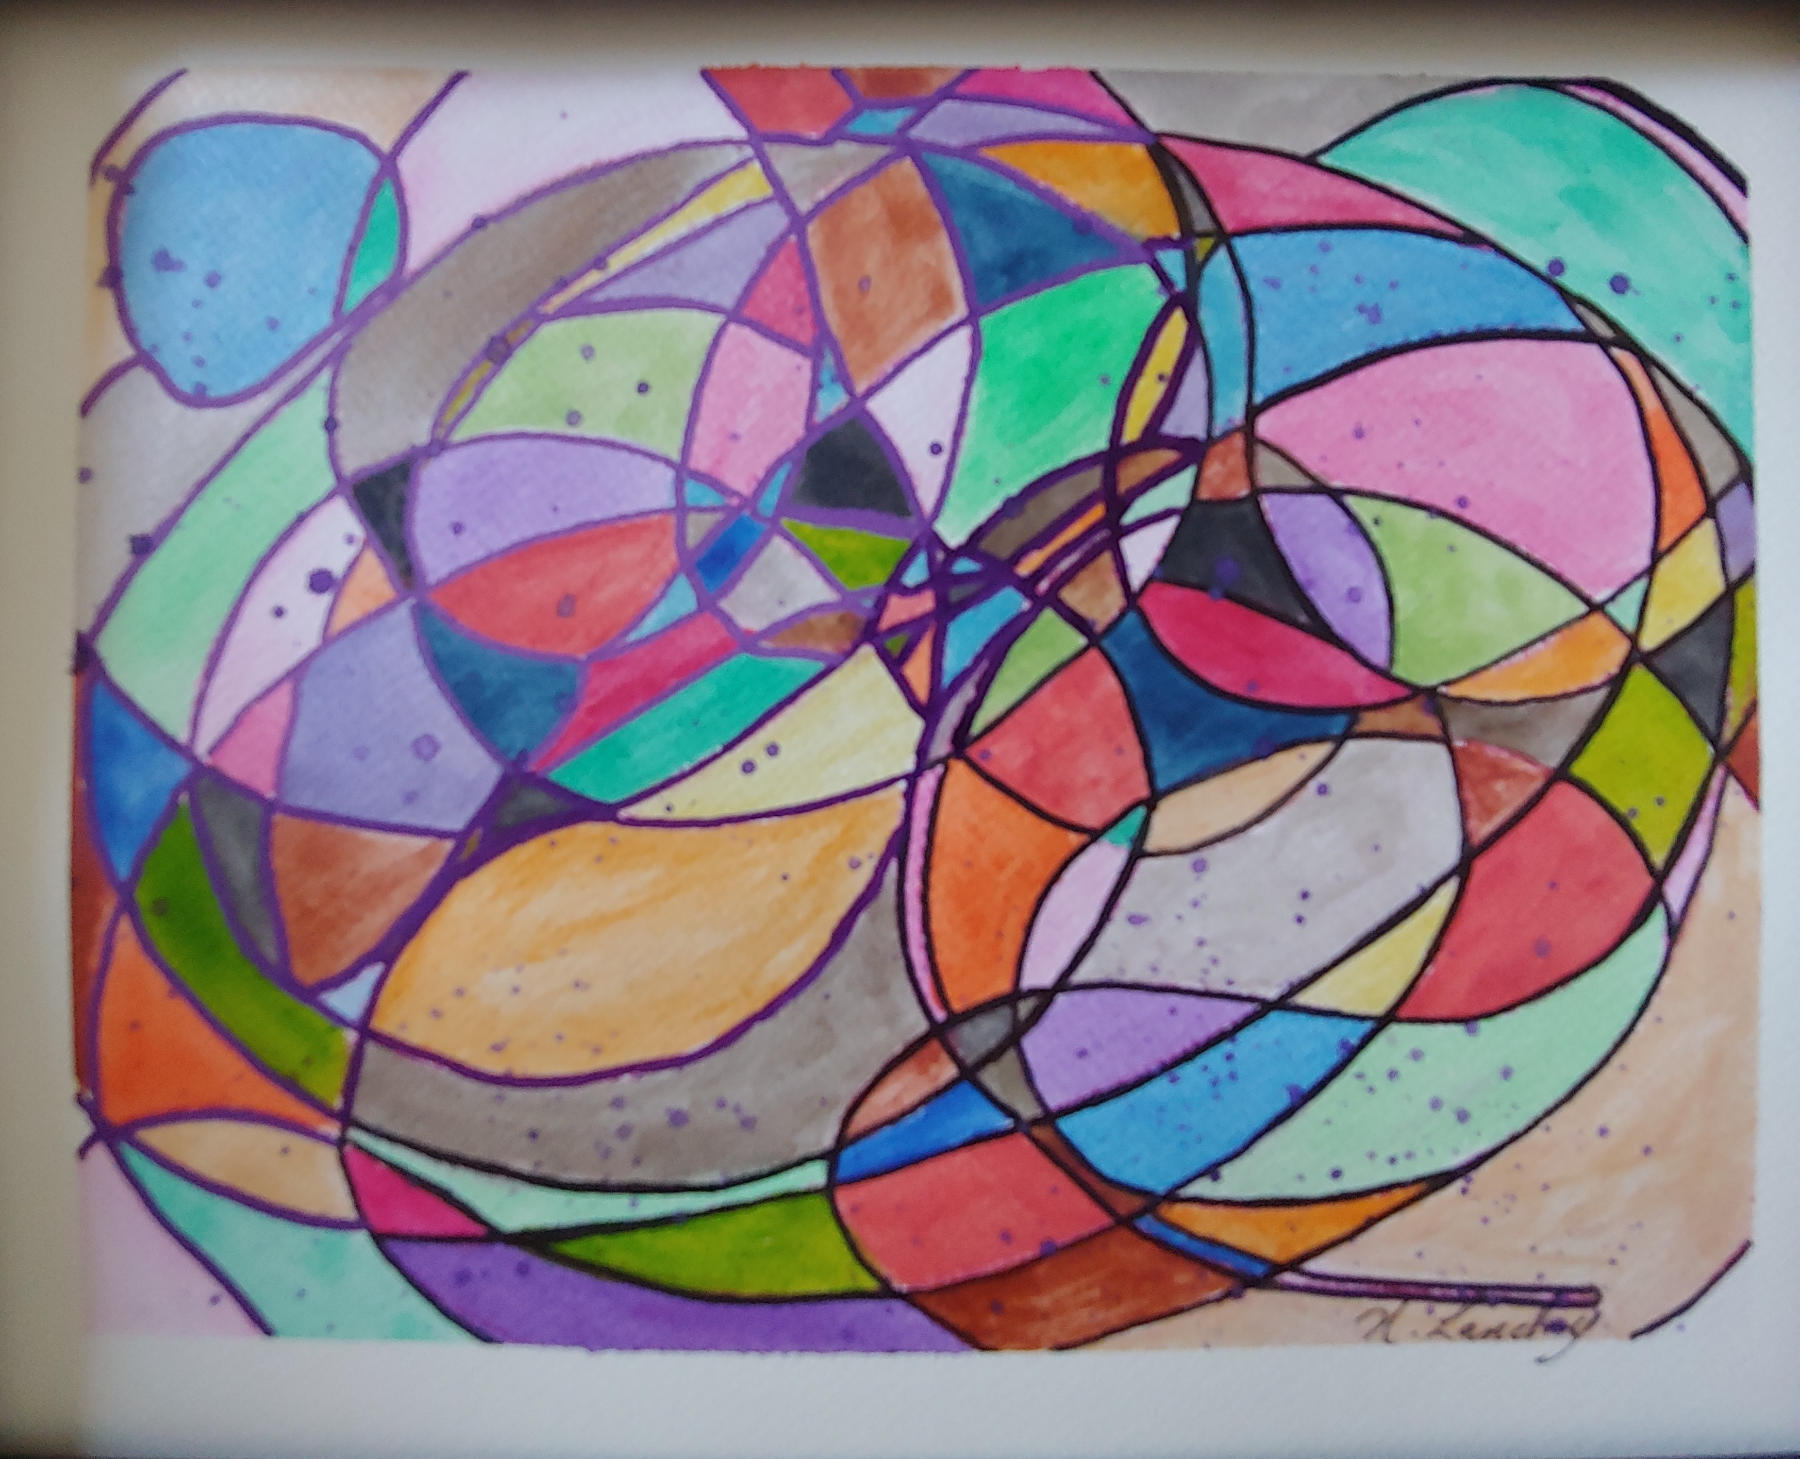 """<span style=""""color: #ff0000;""""><a style=""""color: #ff0000;"""" href=""""mailto:nathalielandry7@gmail.com?subject=Défi 15 dessins 15 semaines - Ma bulle""""> Contacter l'artiste</a></span> Nathalie Landry - Ma bulle - 75$  (transaction directement avec l'artiste) - aquarelle  et feutre sur papier aquarelle Fabriano 300g encadré -  9X12 po"""